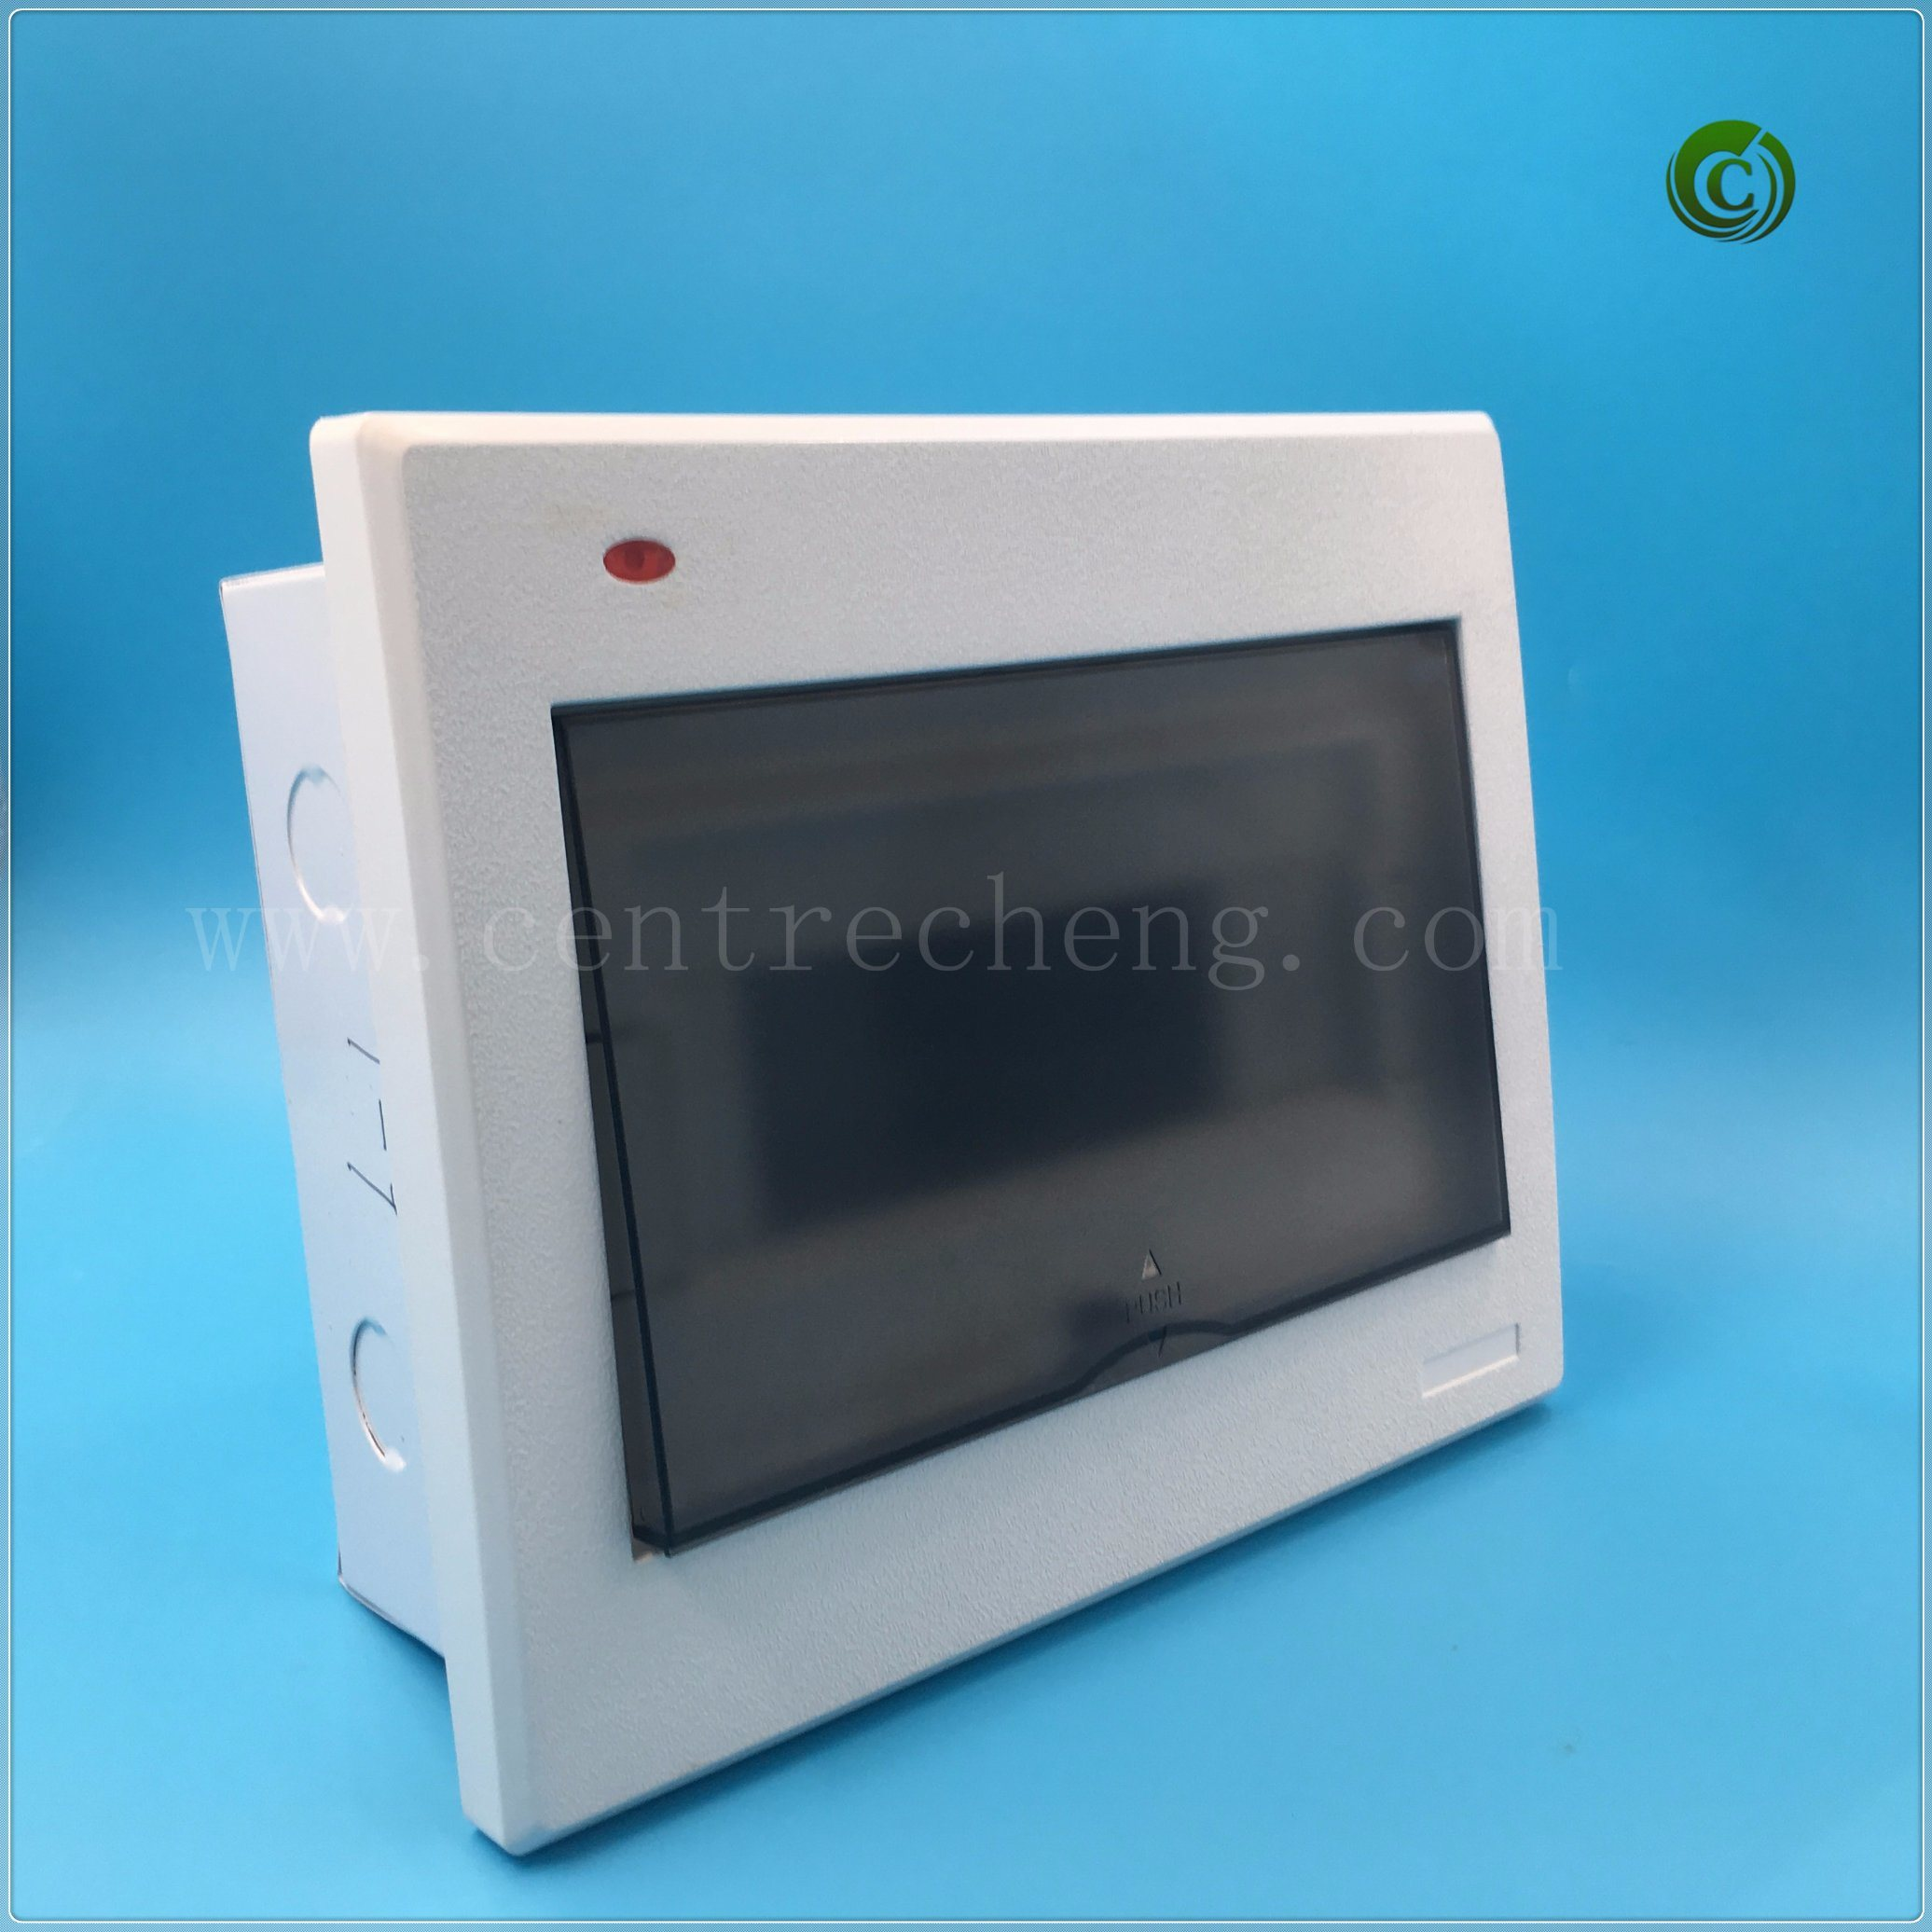 China Power Distribution Equipment Circuit Breaker Box 10-13ways Box ...